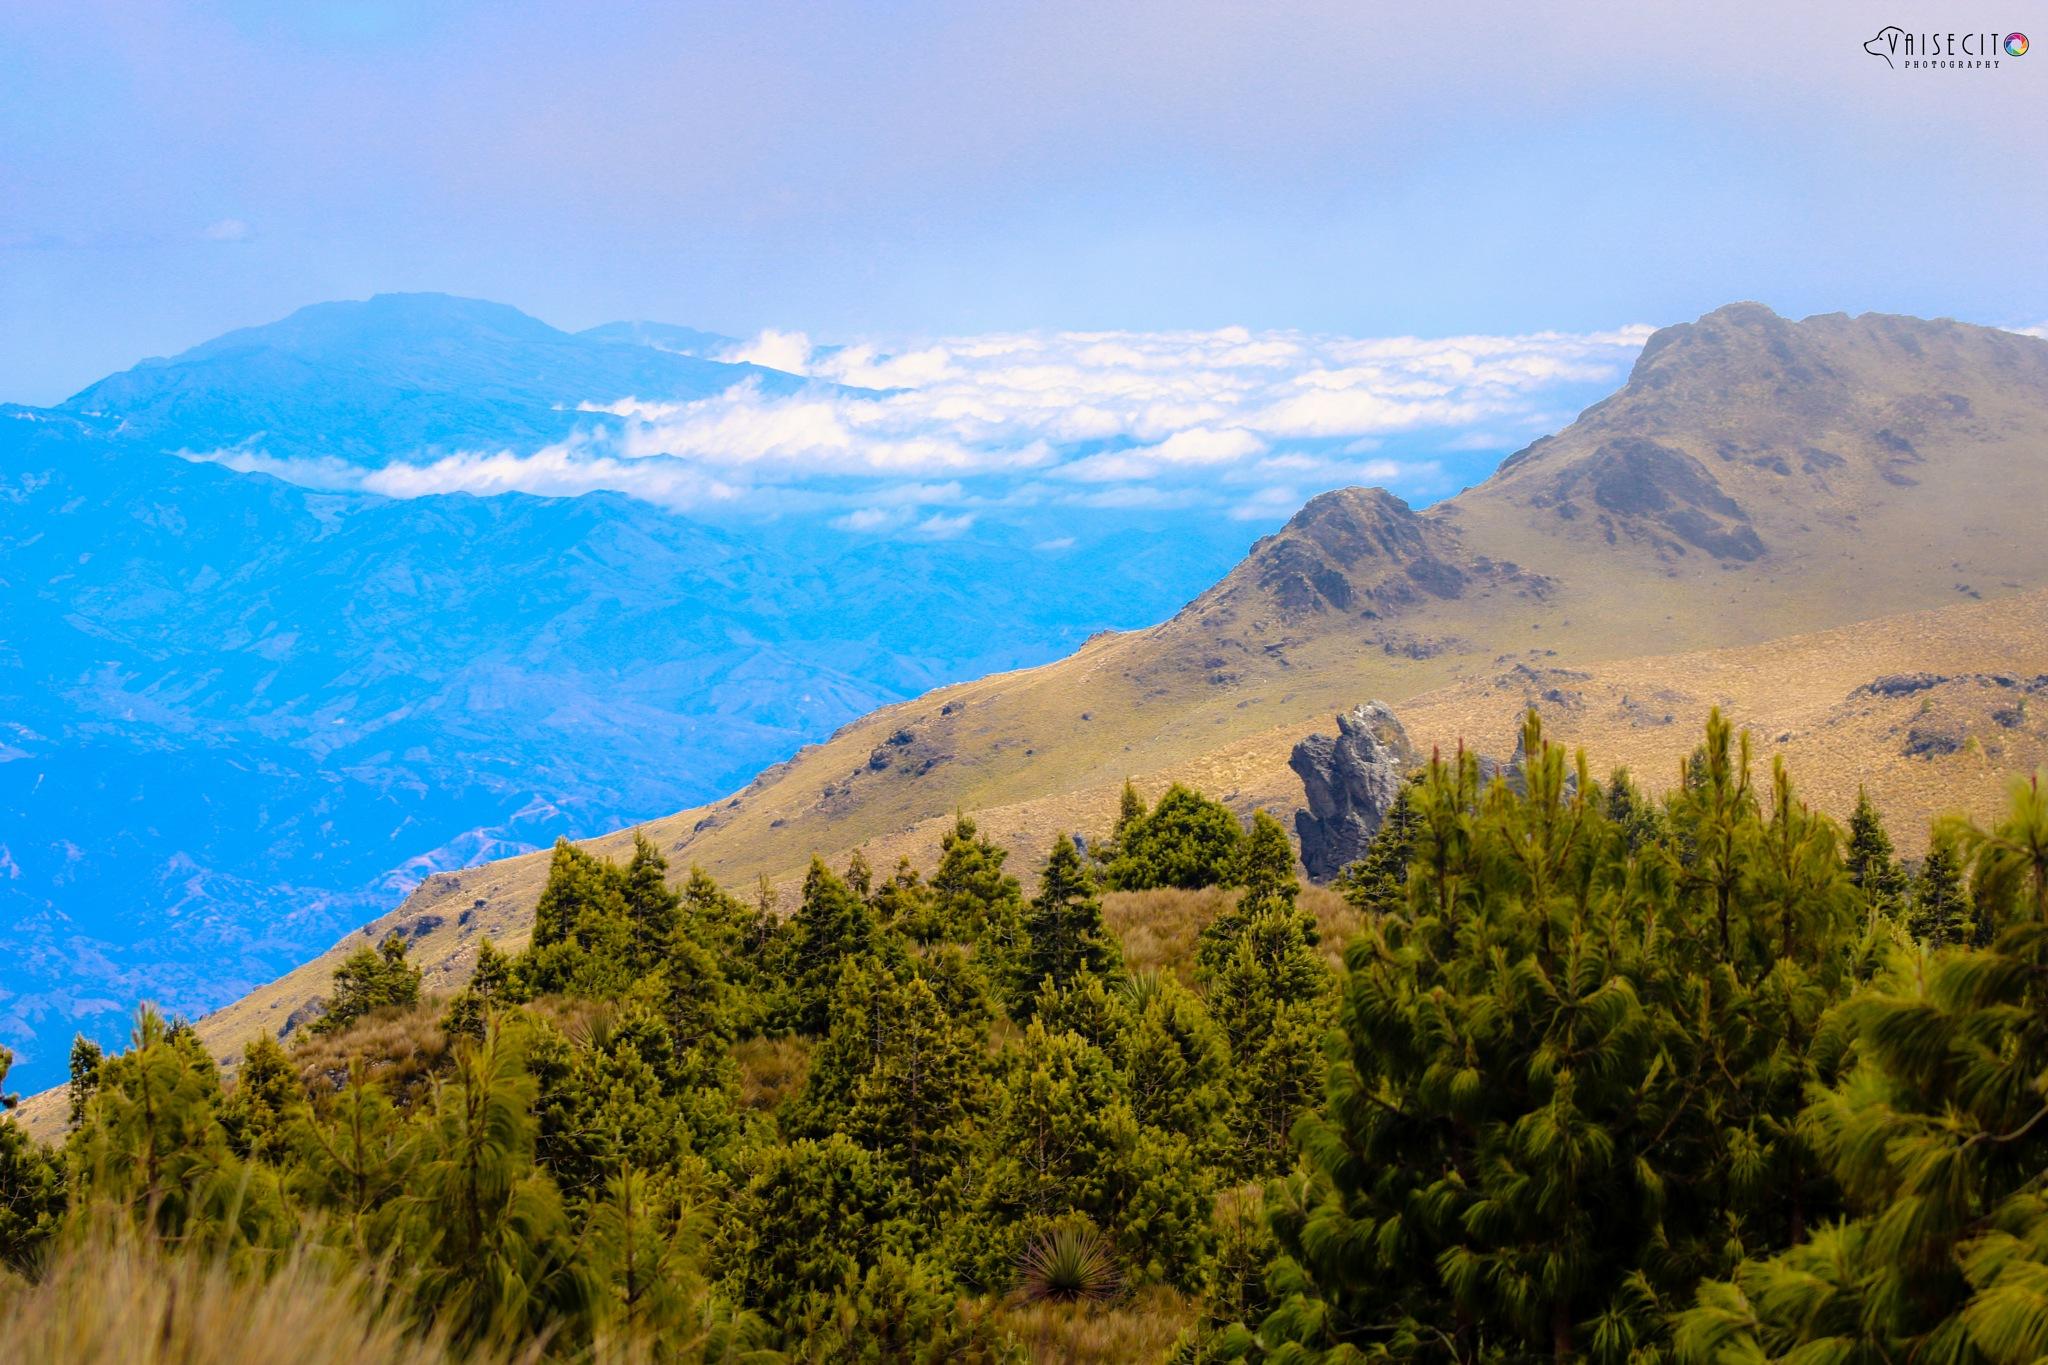 Cerro de Arcos by Vaisecito